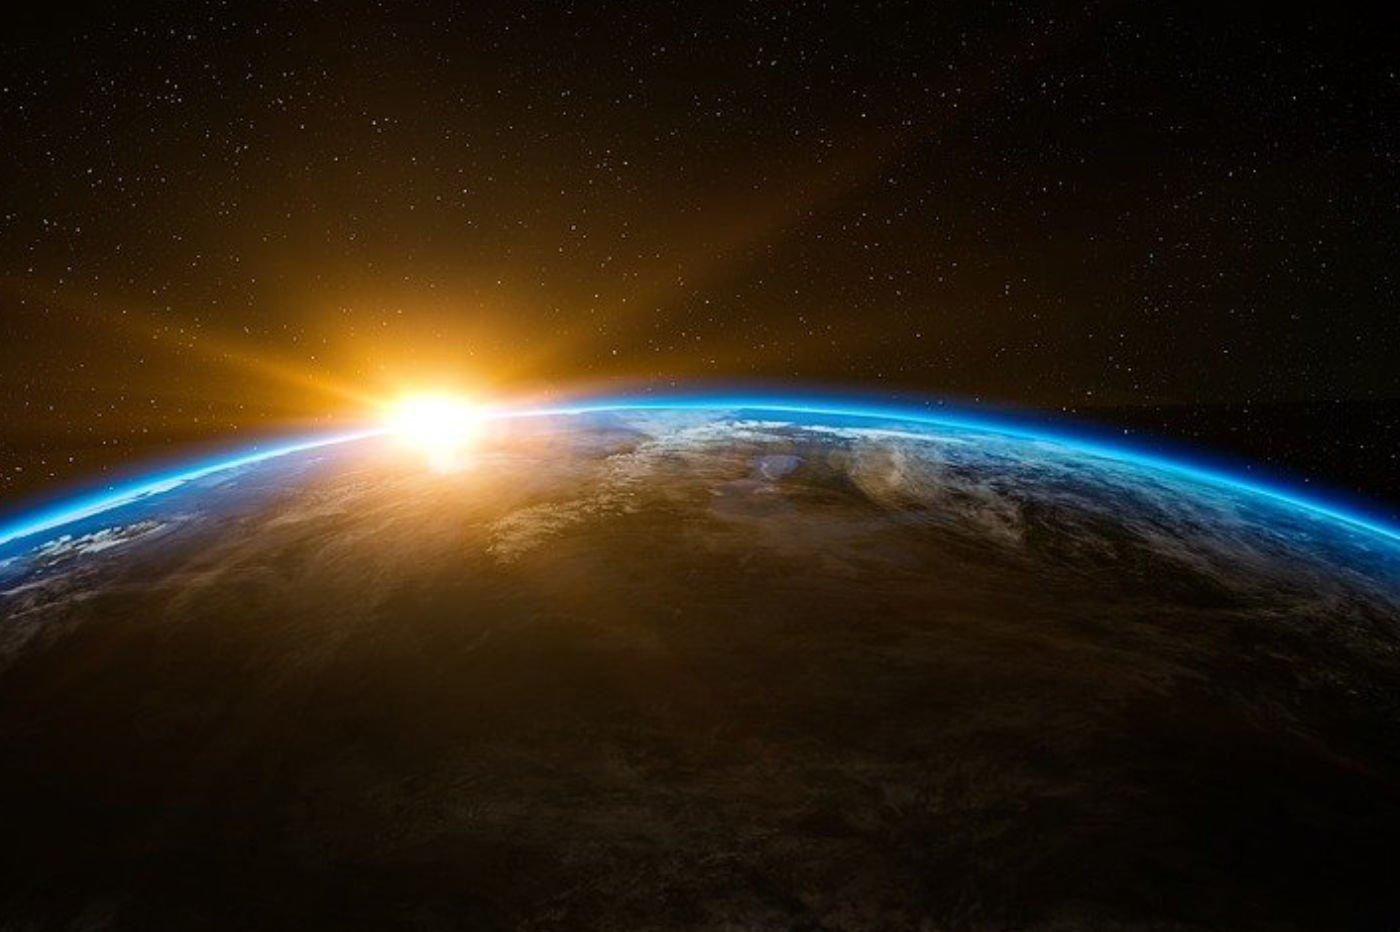 Le niveau de dihydrogène dans l'atmosphère a explosé en 150 ans